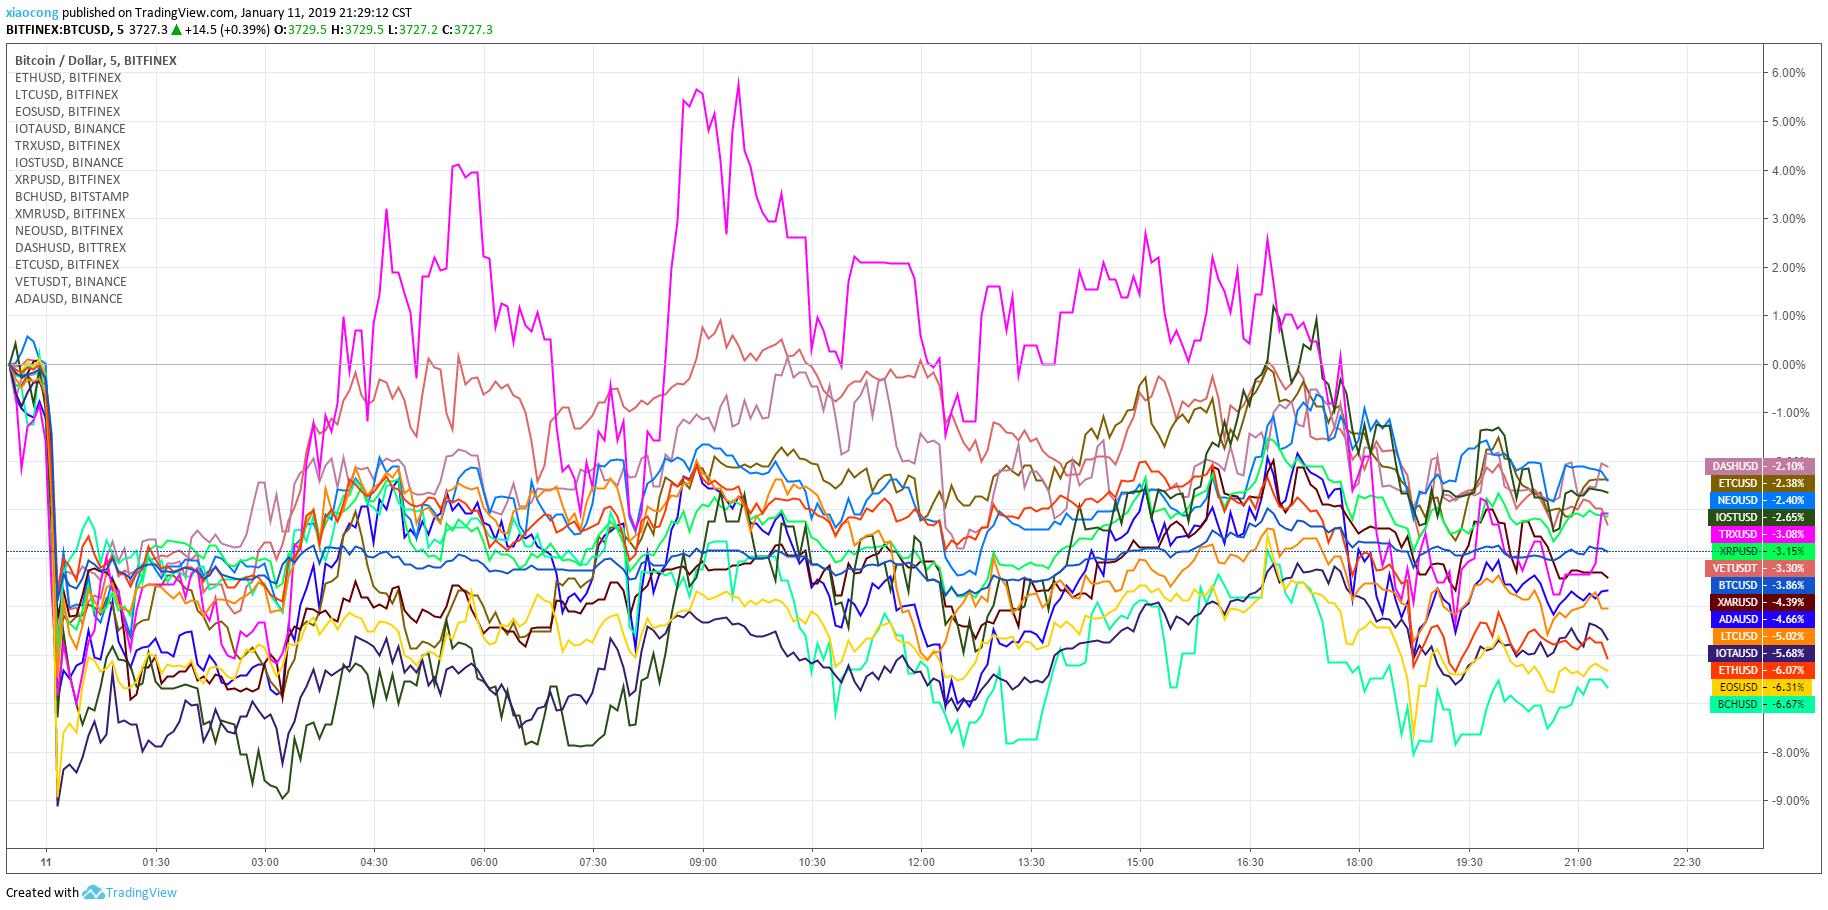 《1月11日小葱晚报   日本虚拟货币交易所Coincheck今日正式被授予牌照;比特币跌下3600USDT - 华尔街见闻》